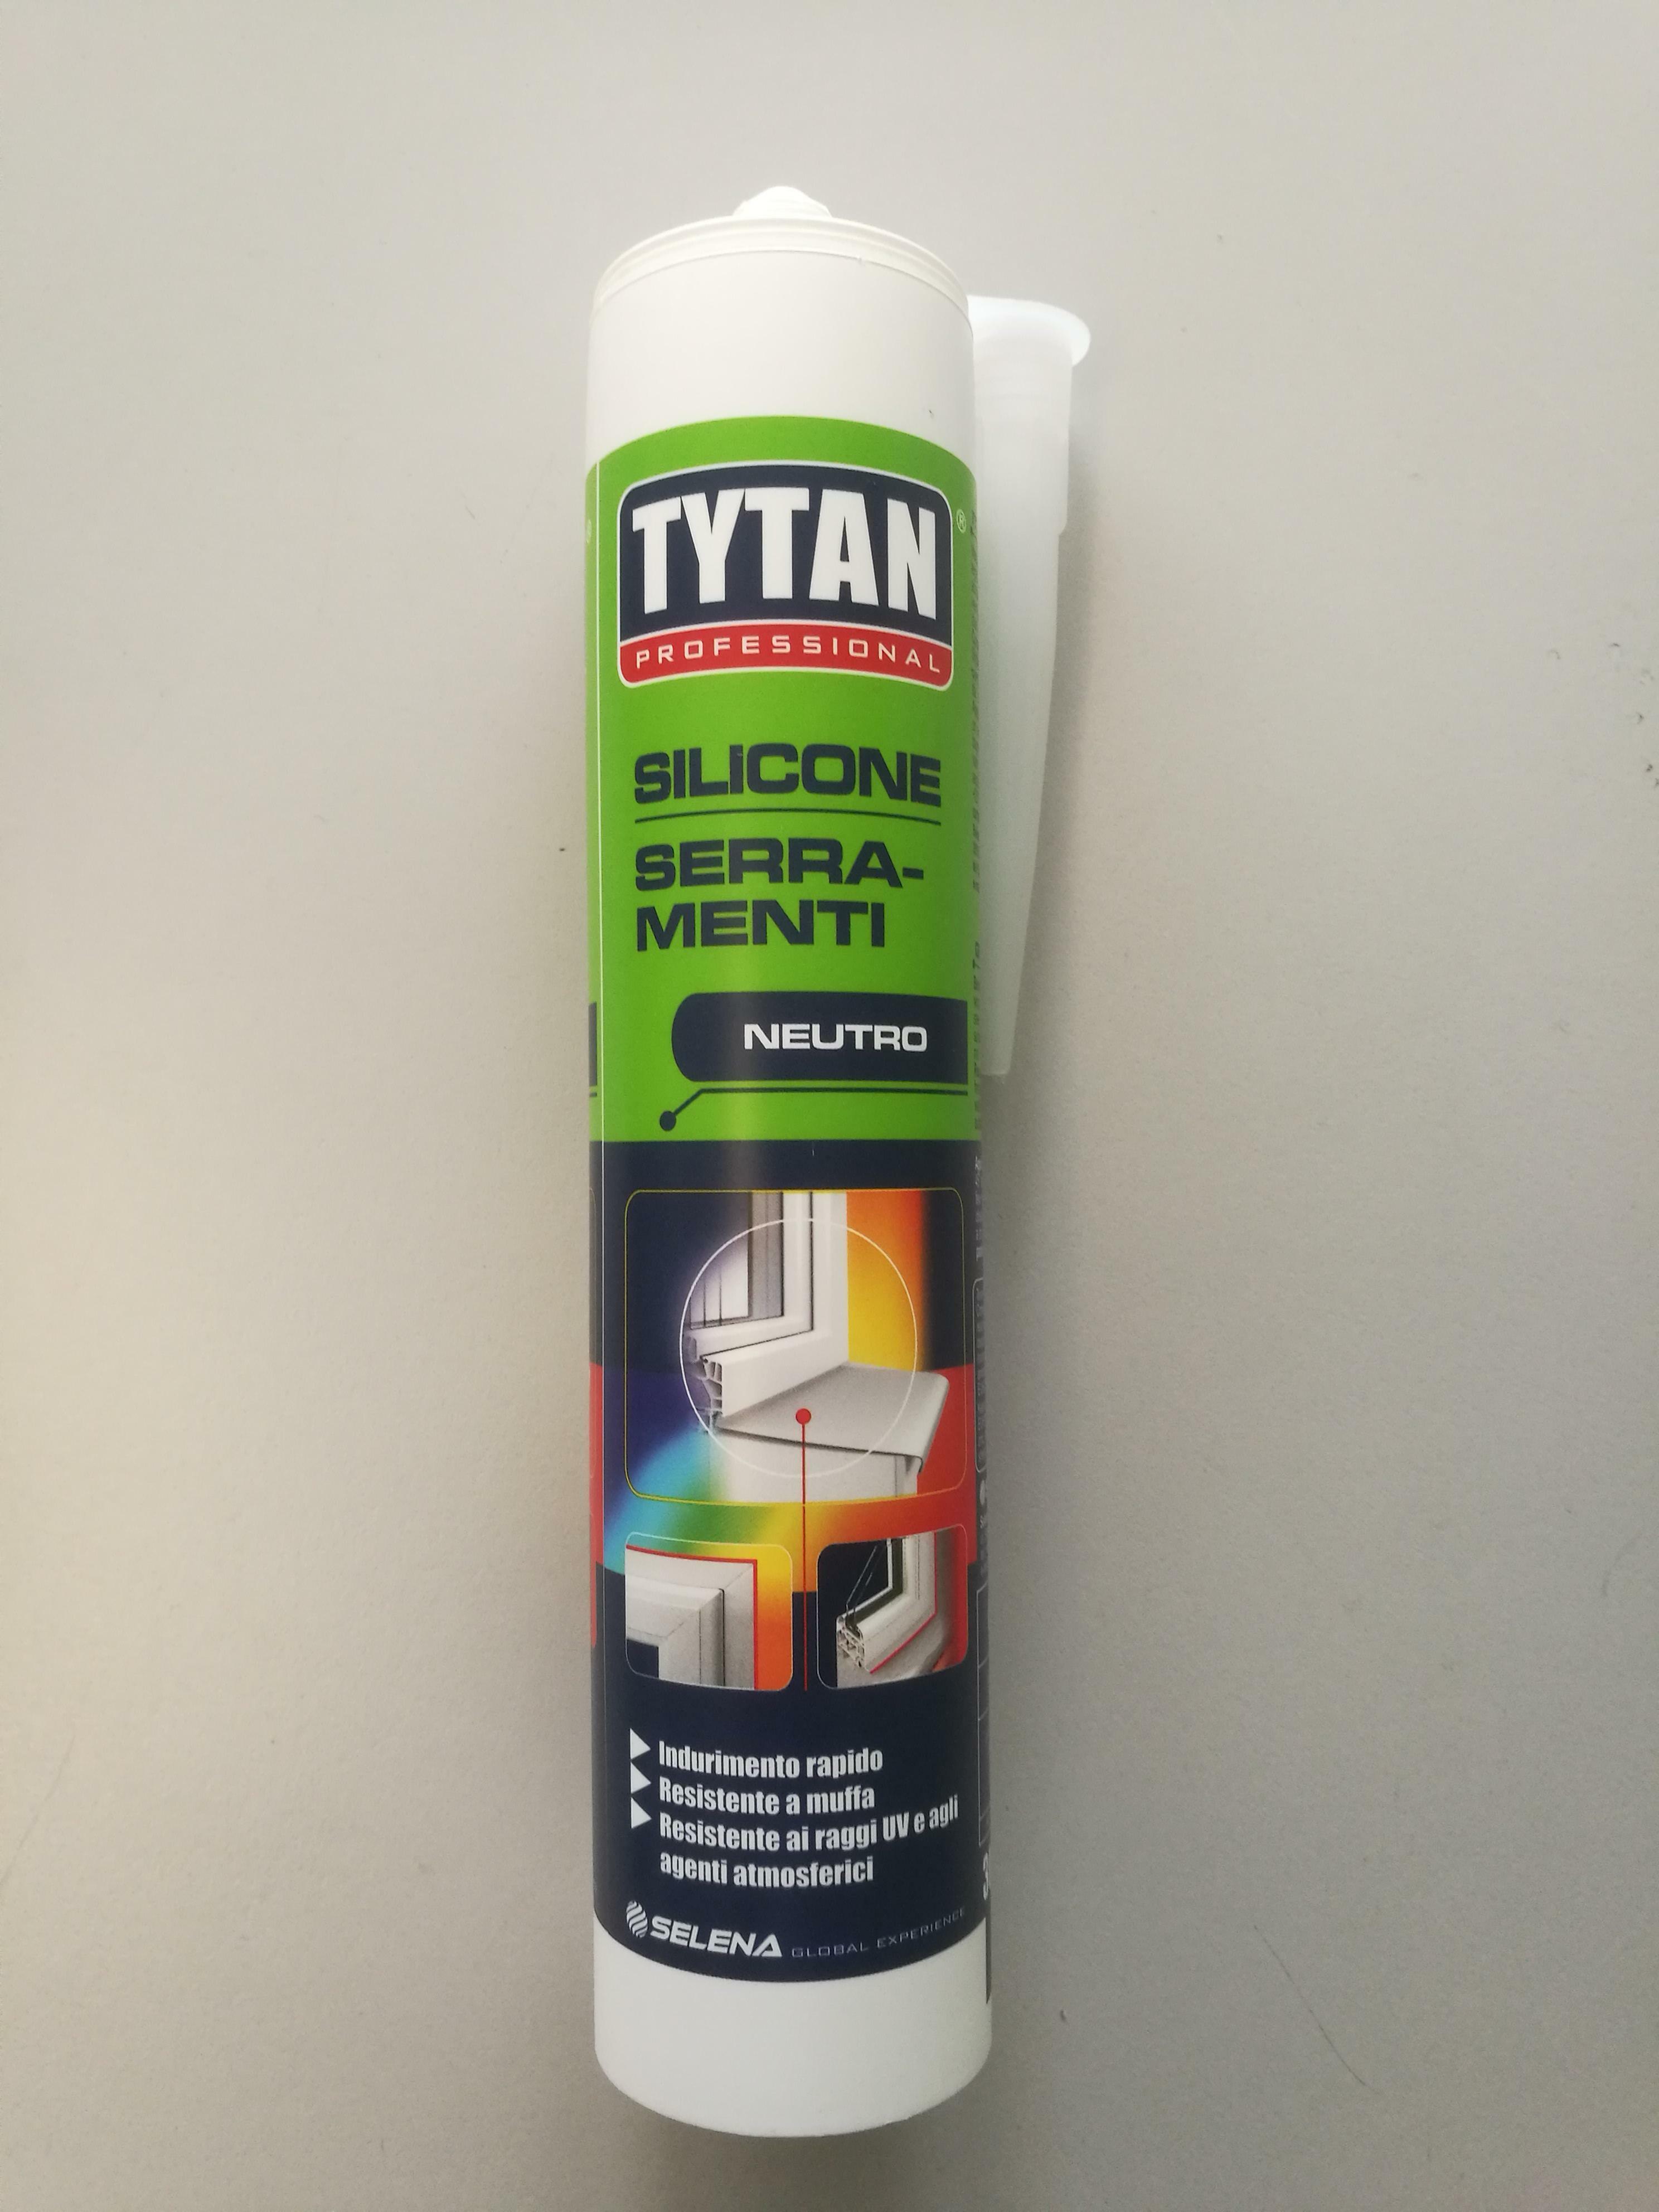 tytan professional tytan professional .silicone neutro per serramenti colore grigio 300 ml